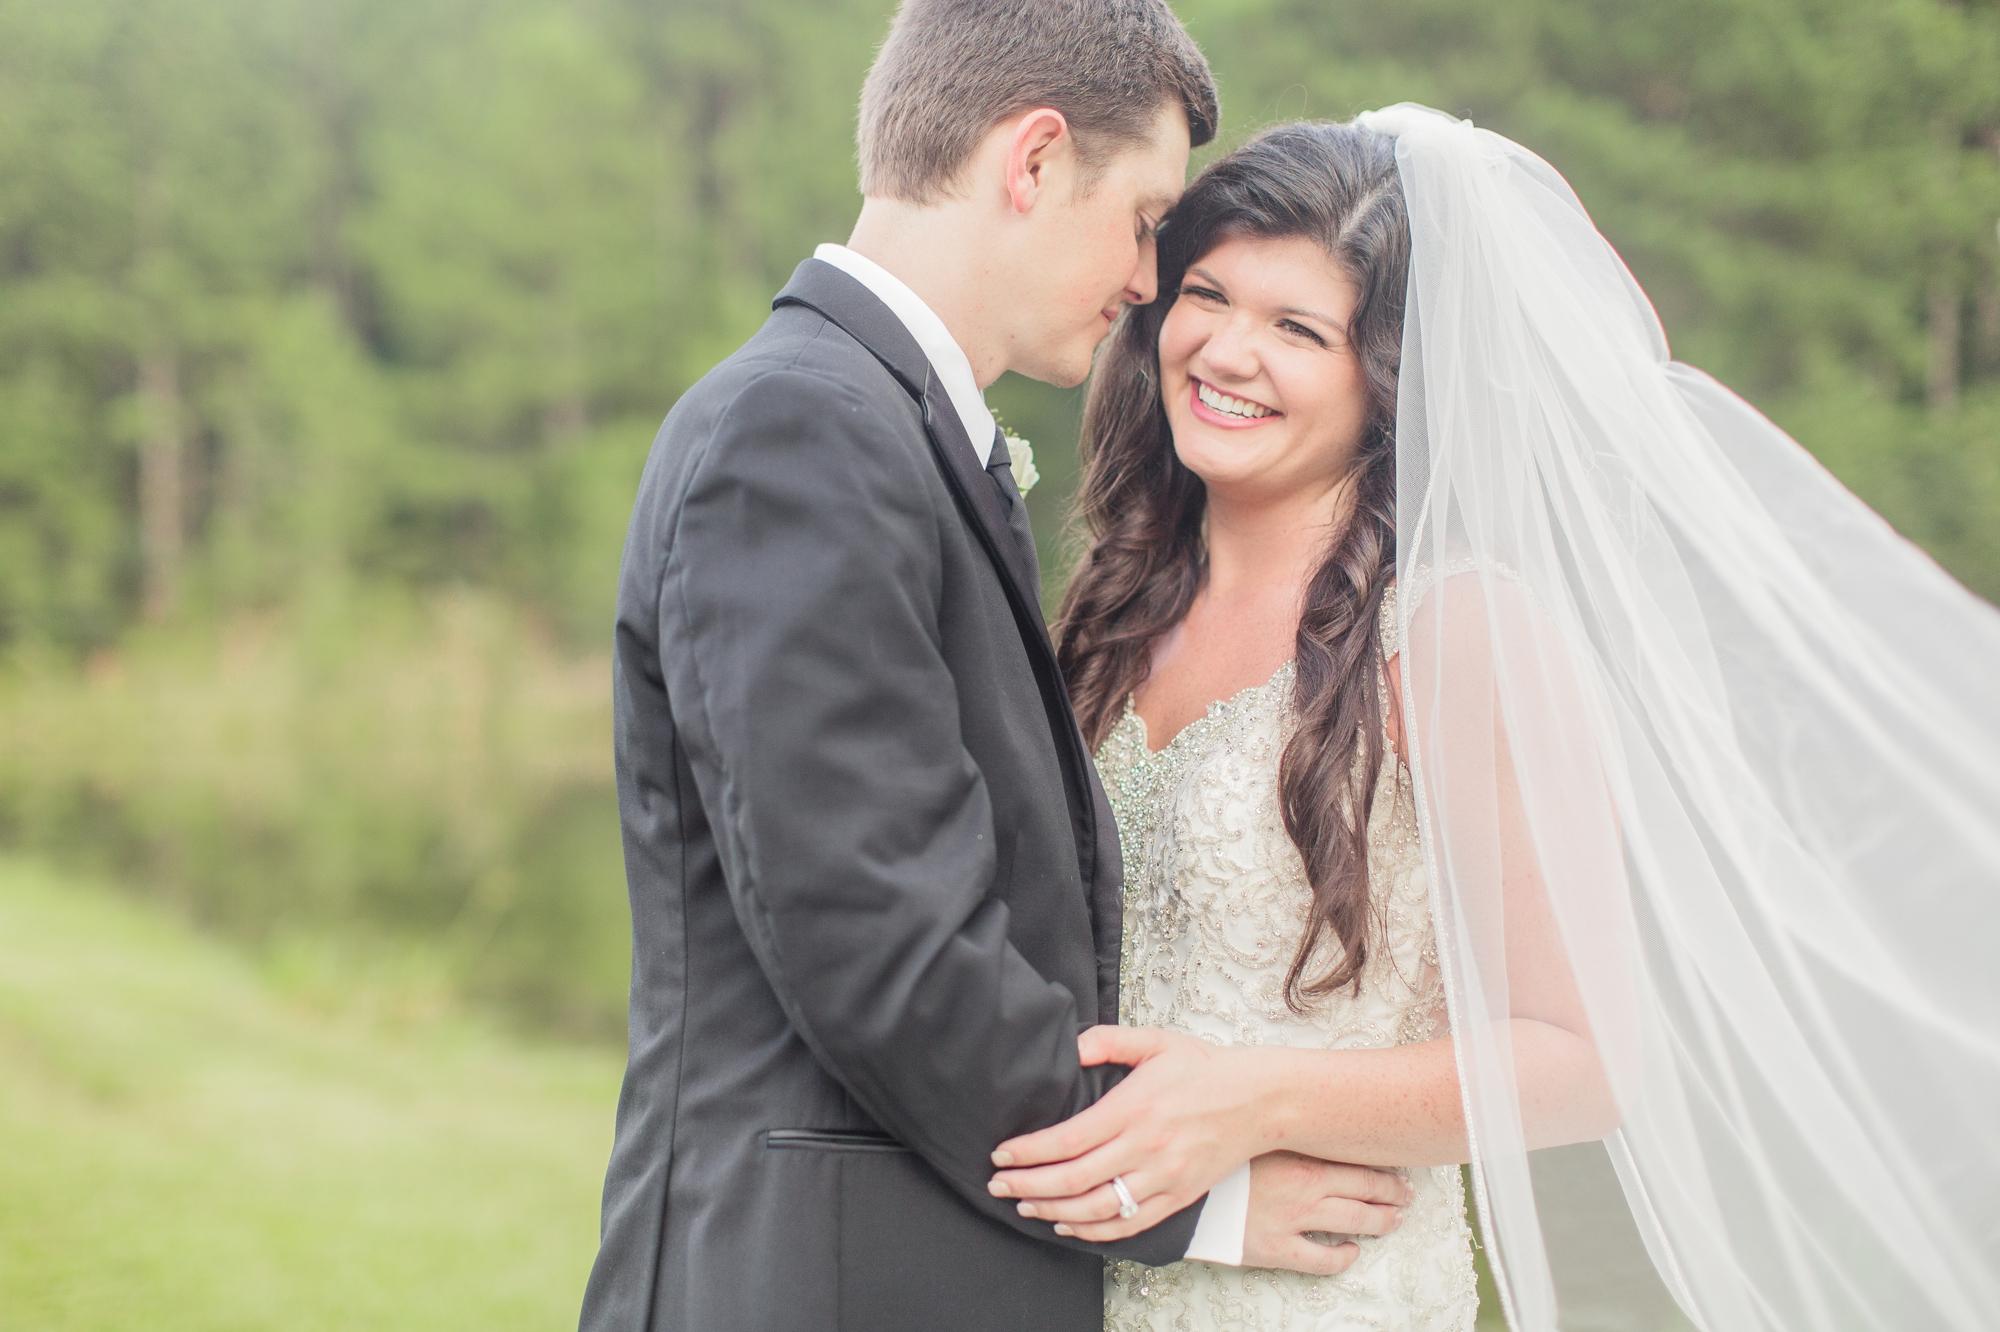 philadelphia-mississippi-summer-wedding 66.jpg